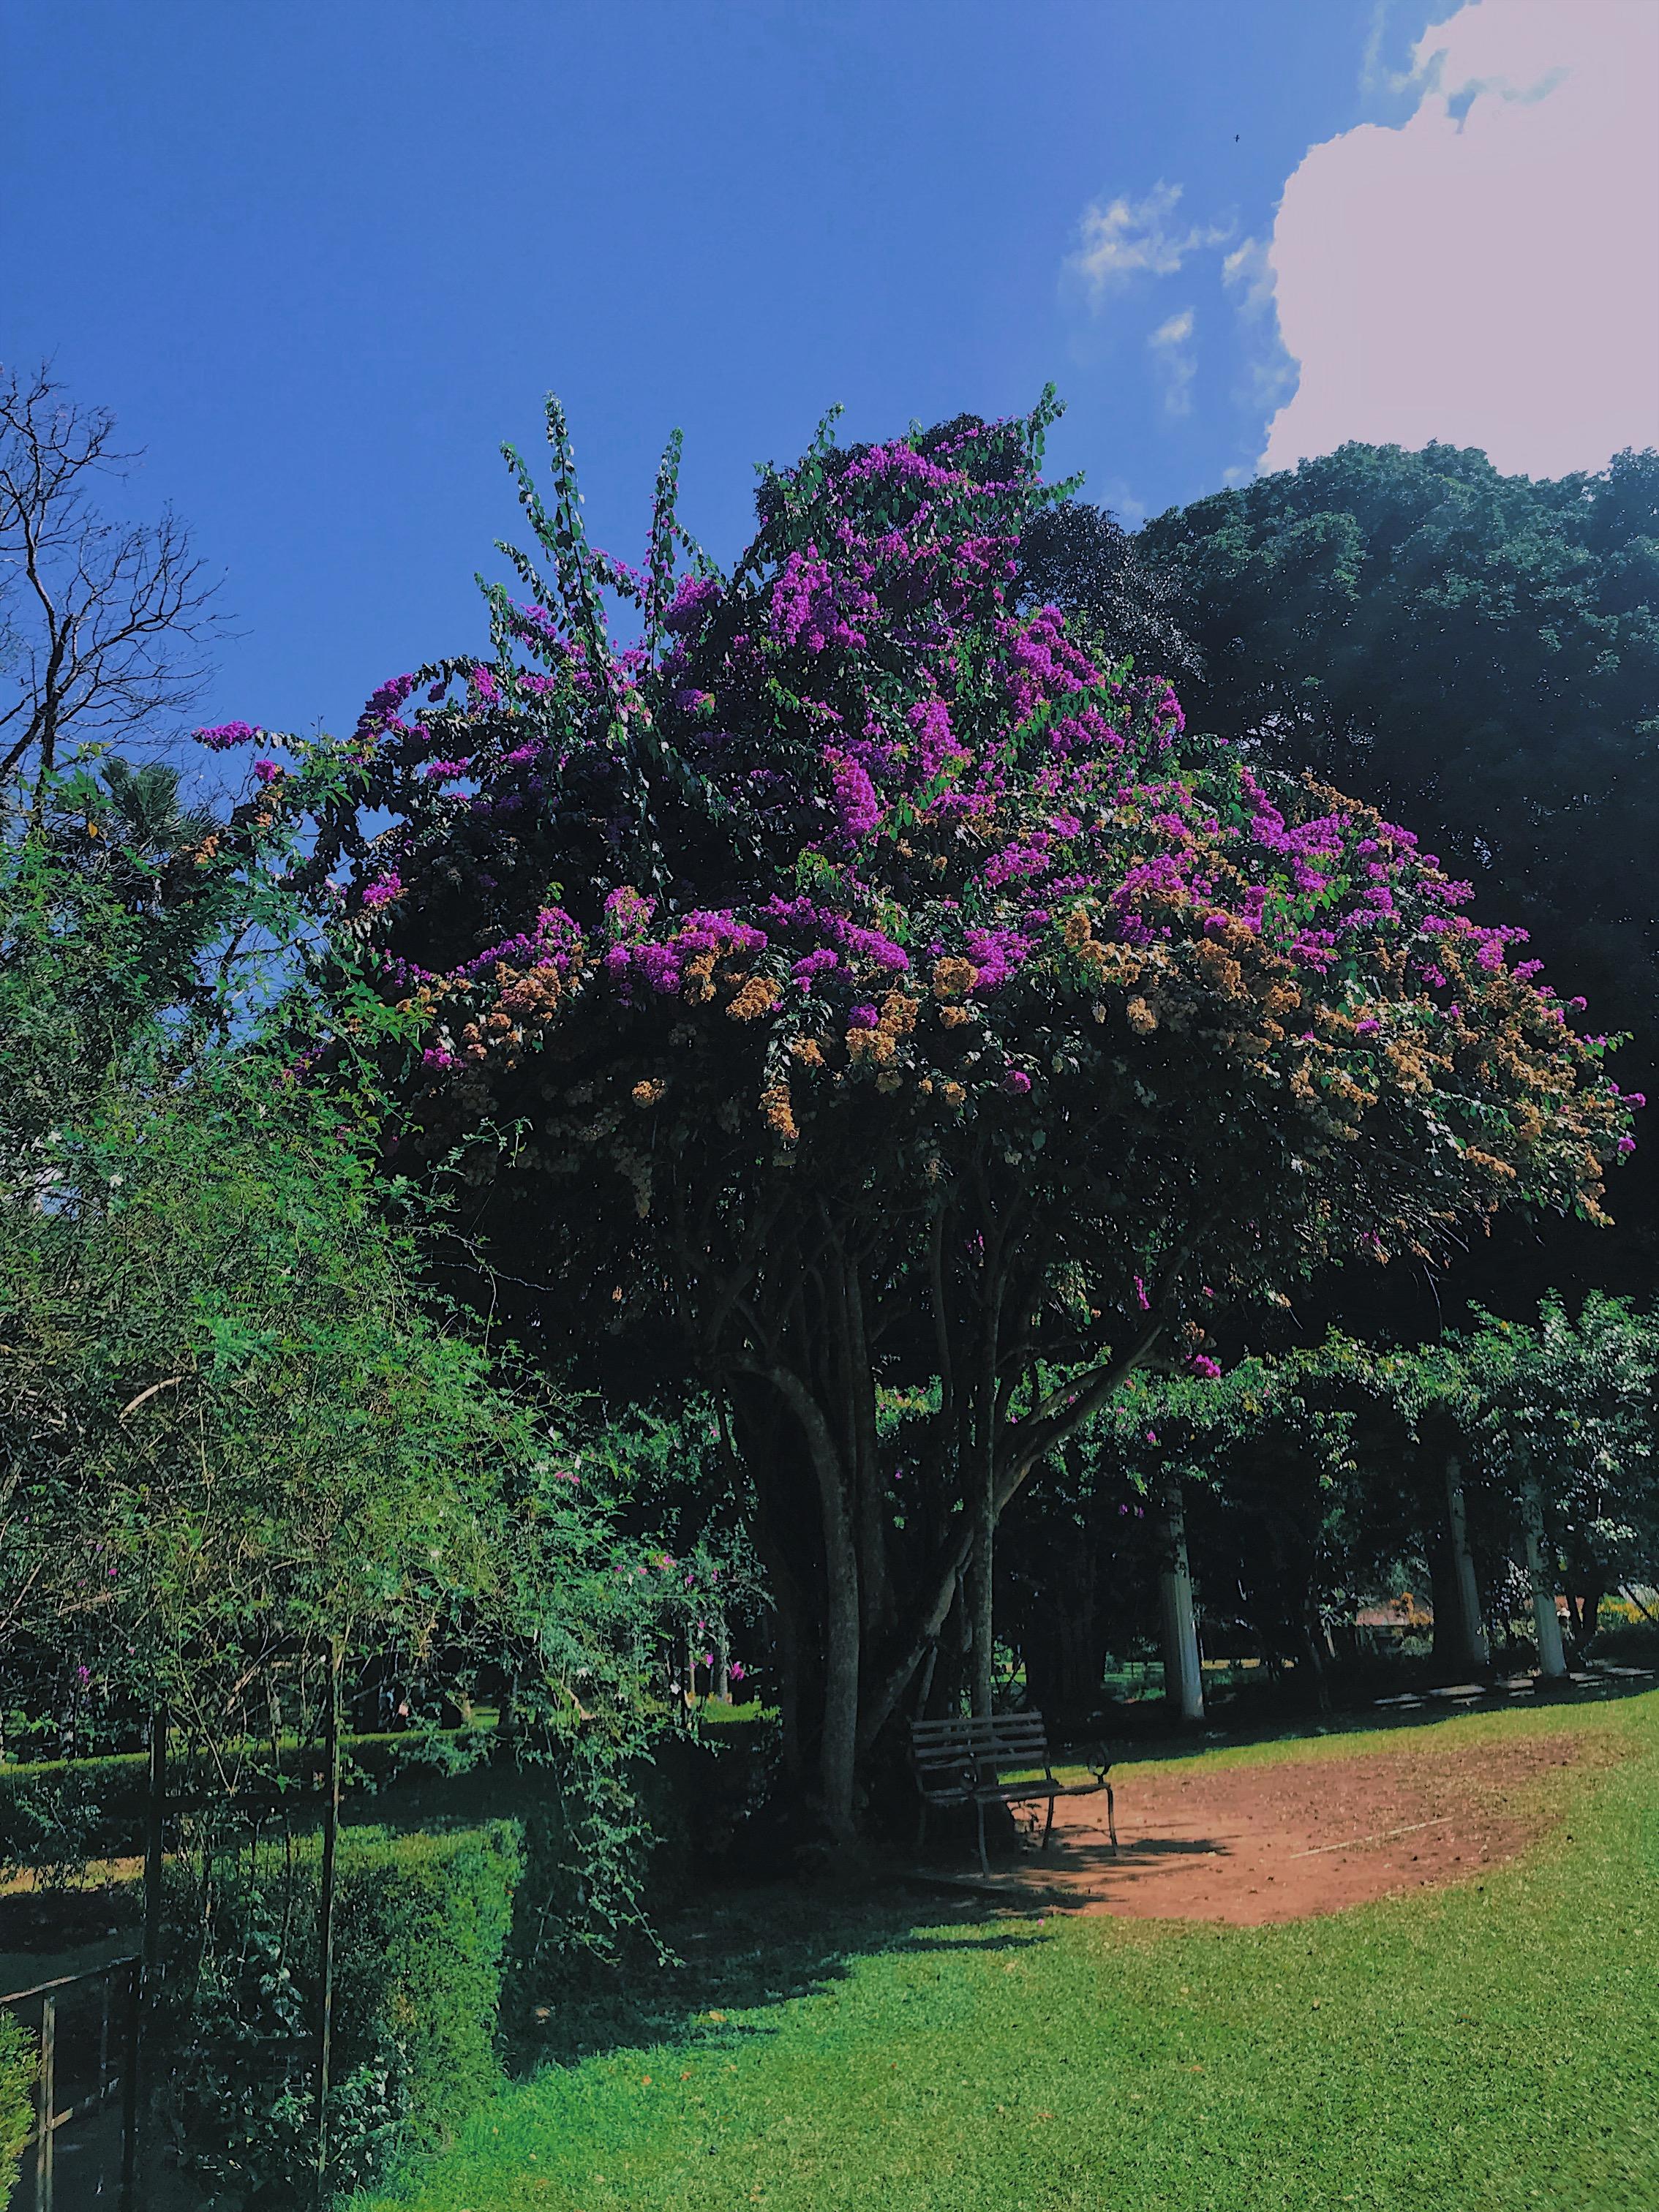 JPEG image-4A9544C38767-16.jpeg